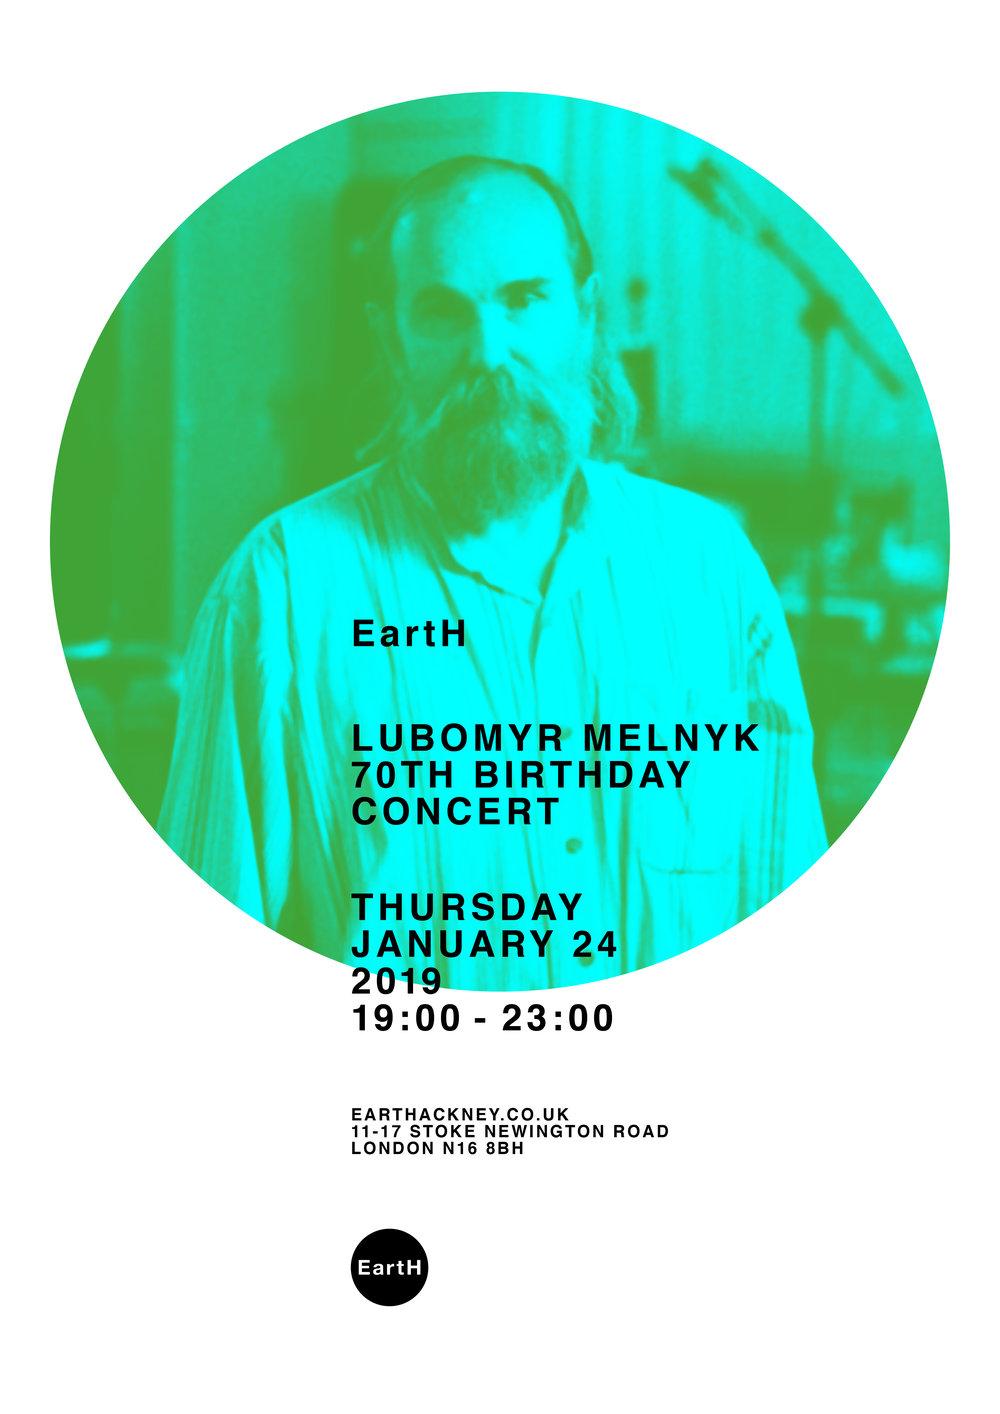 Lubomyr-Melnyk-earth